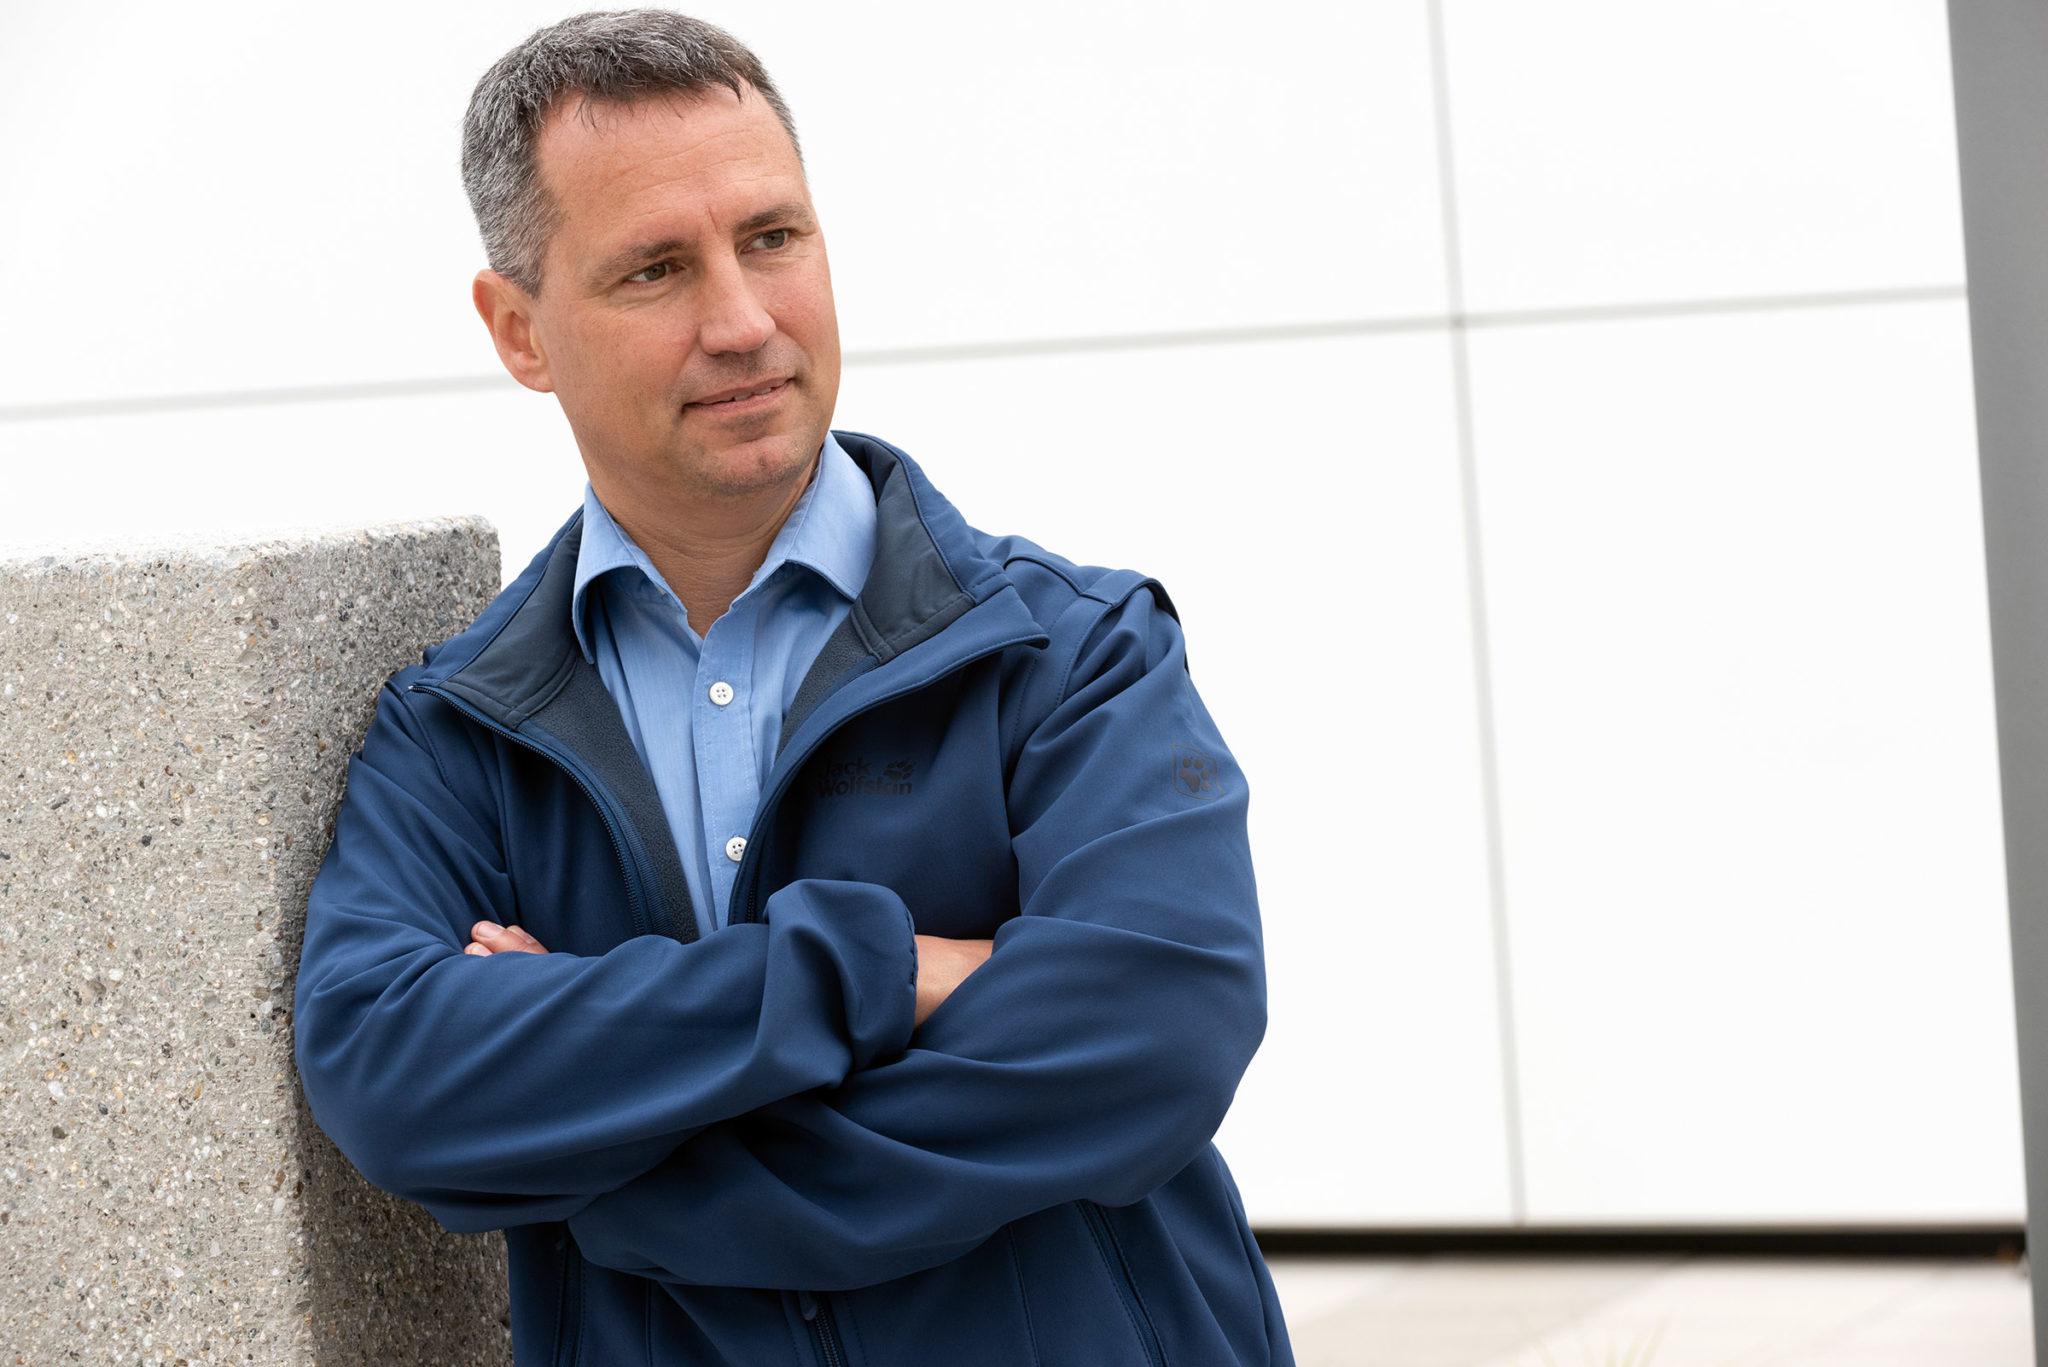 Markus Hiebl, designierter Bürgermeister von Freilassing, vor einem seiner Lieblingsprojekte, dem Badylon. © Uwe Kurenbach